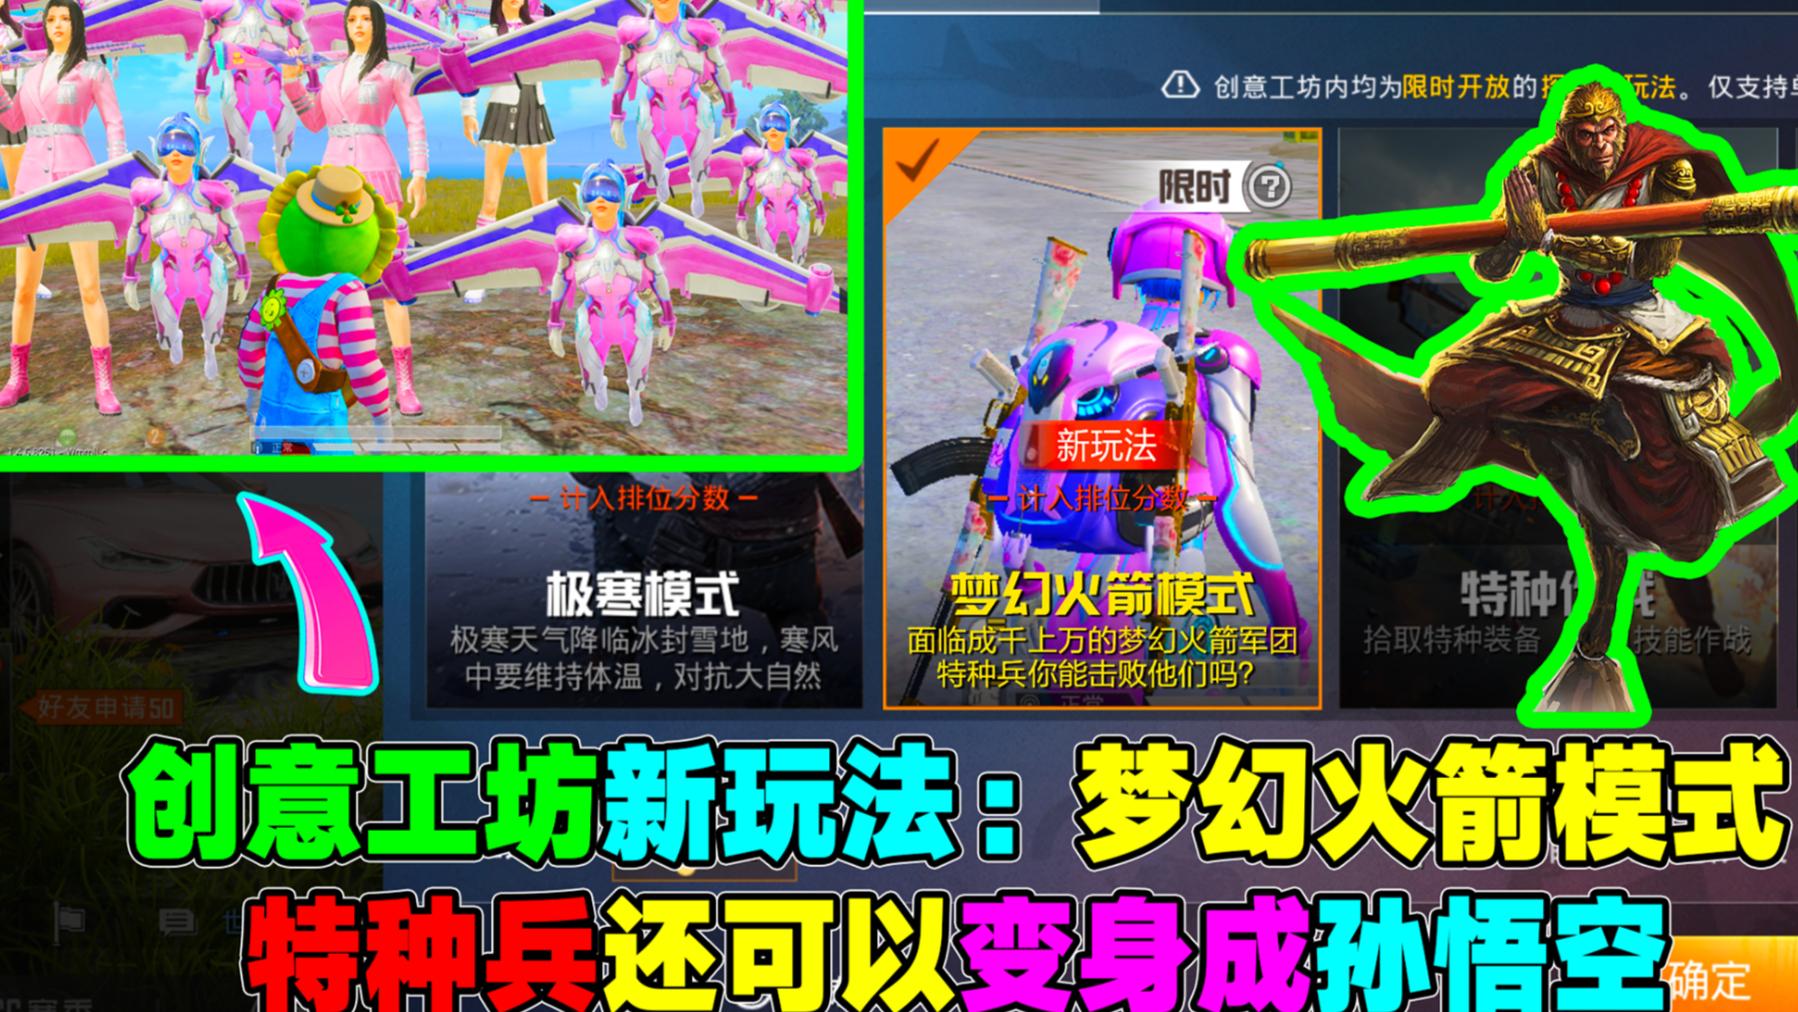 """【A等生】【次元赛道】创意工坊新玩法:梦幻火箭模式!特种兵还能变身成""""孙悟空""""?"""